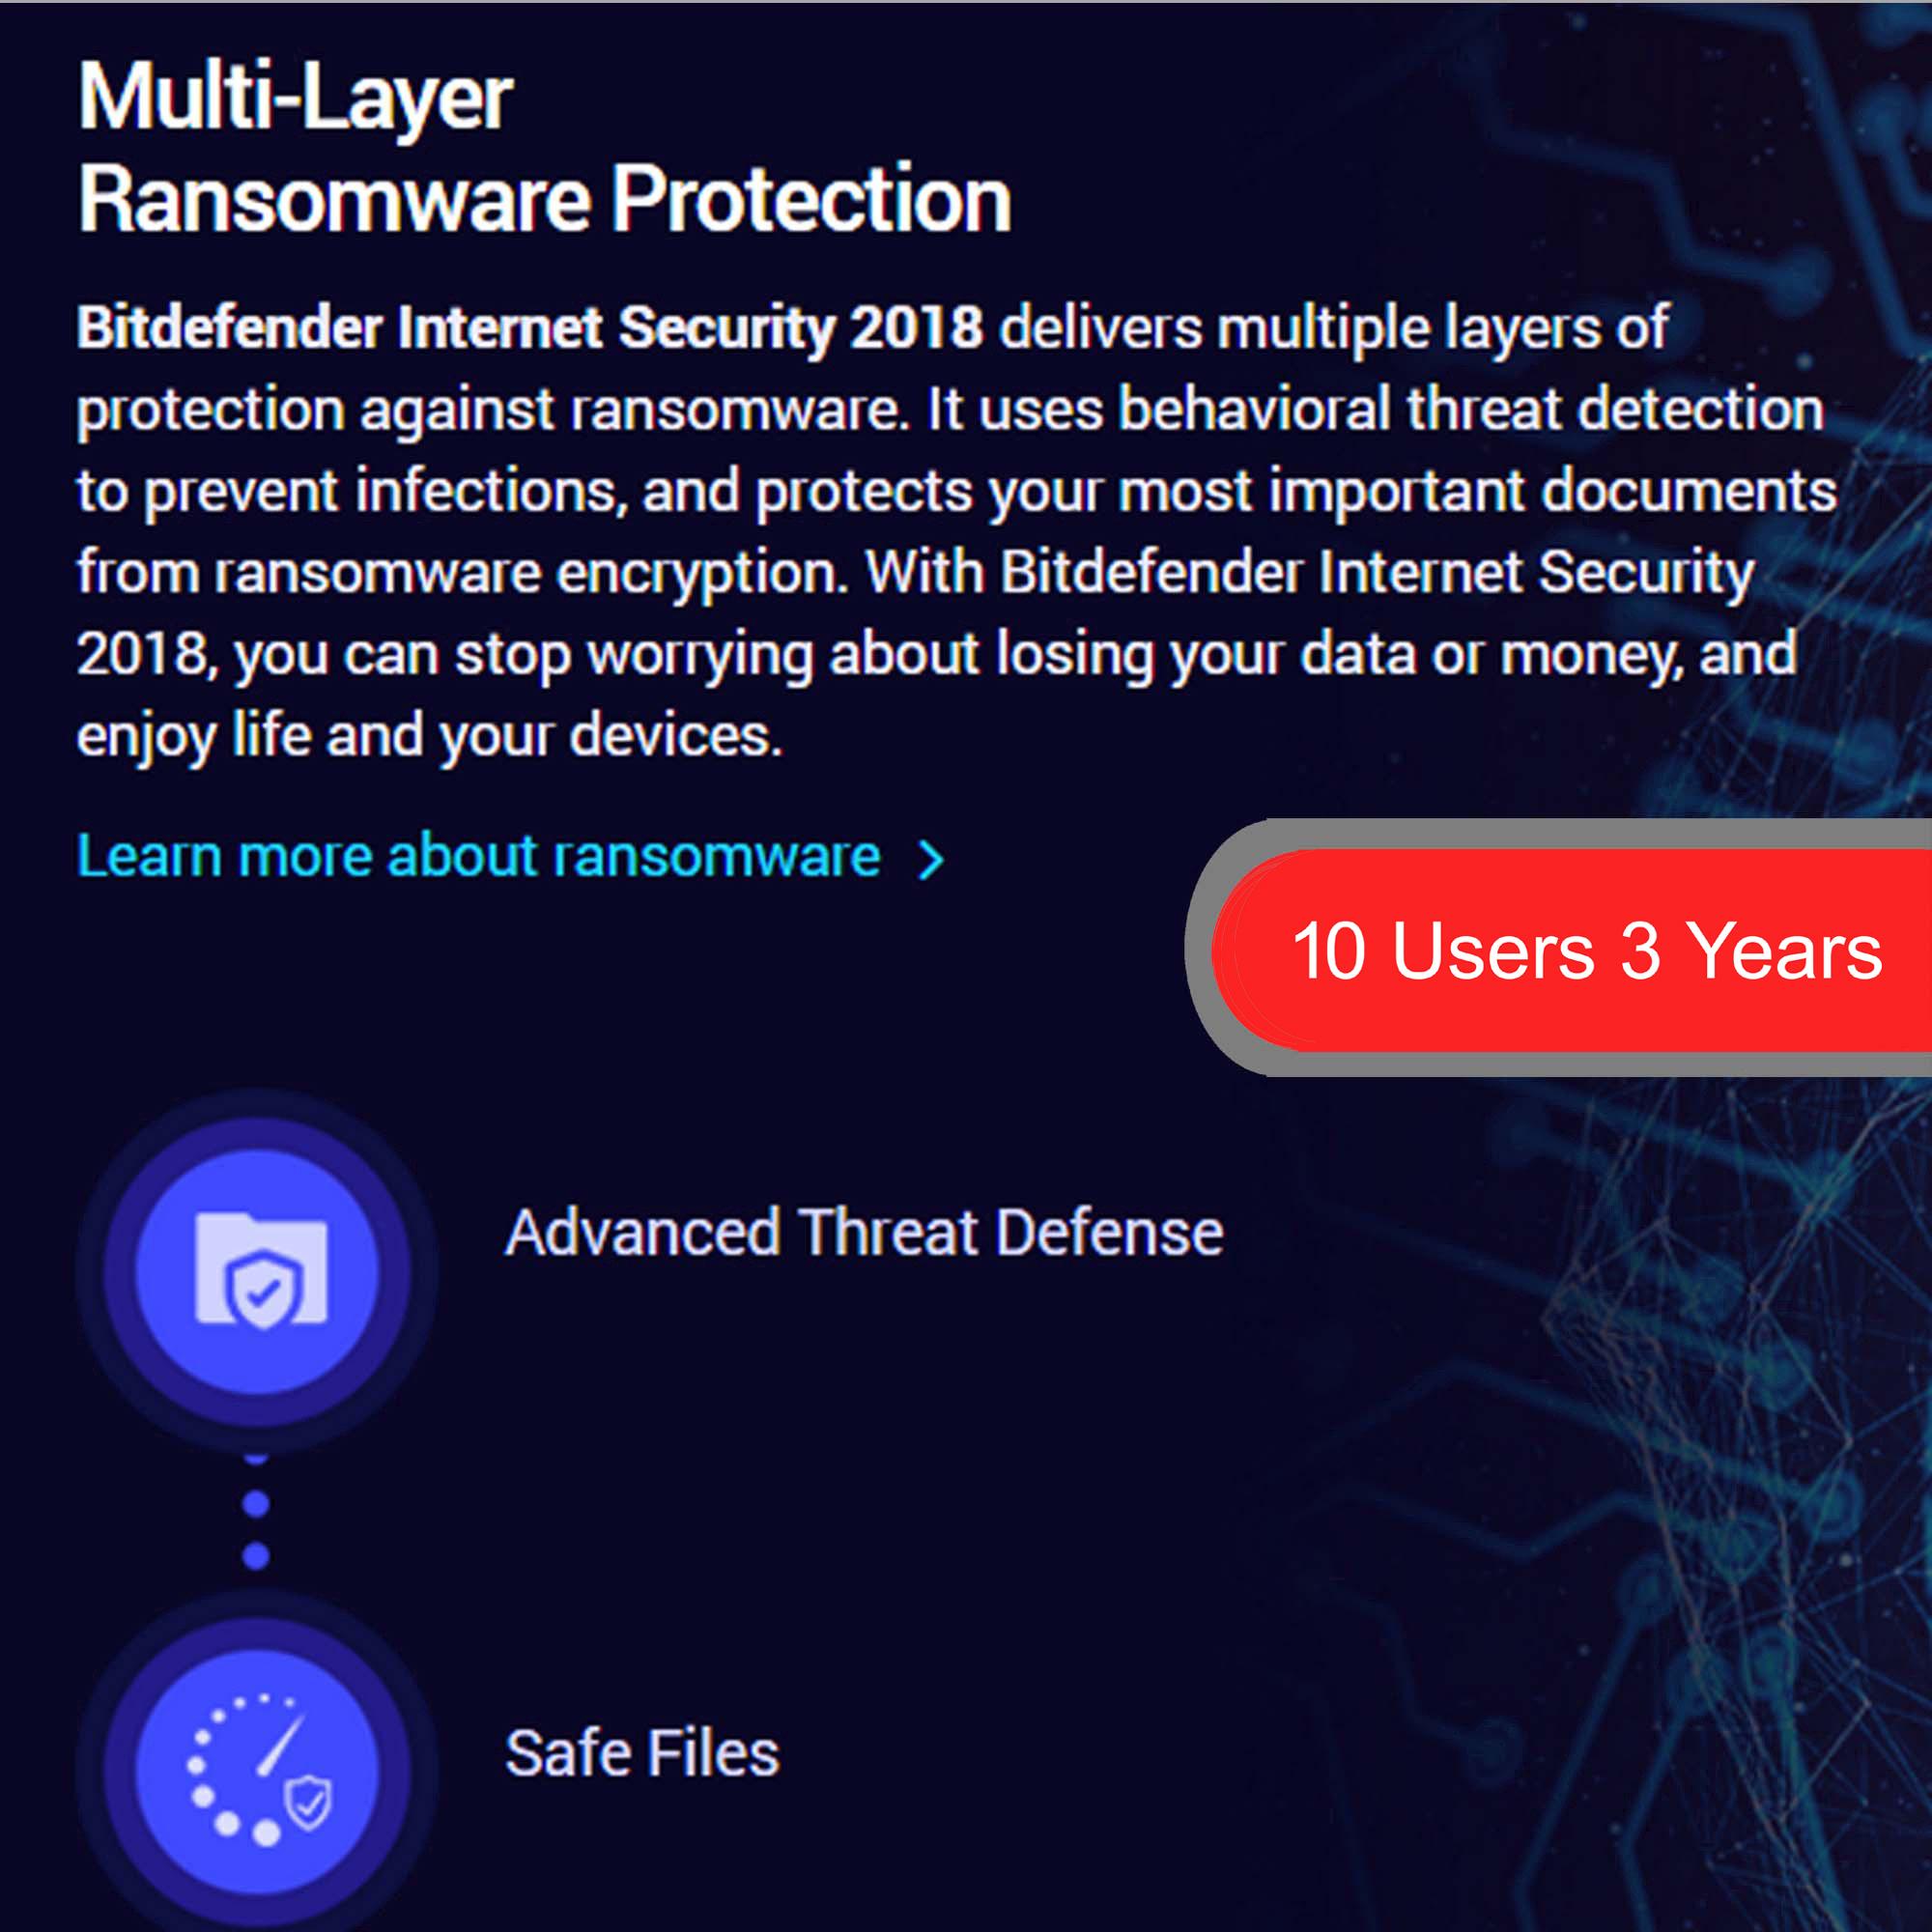 bitdefender internet security 4 2018 softvire. Black Bedroom Furniture Sets. Home Design Ideas